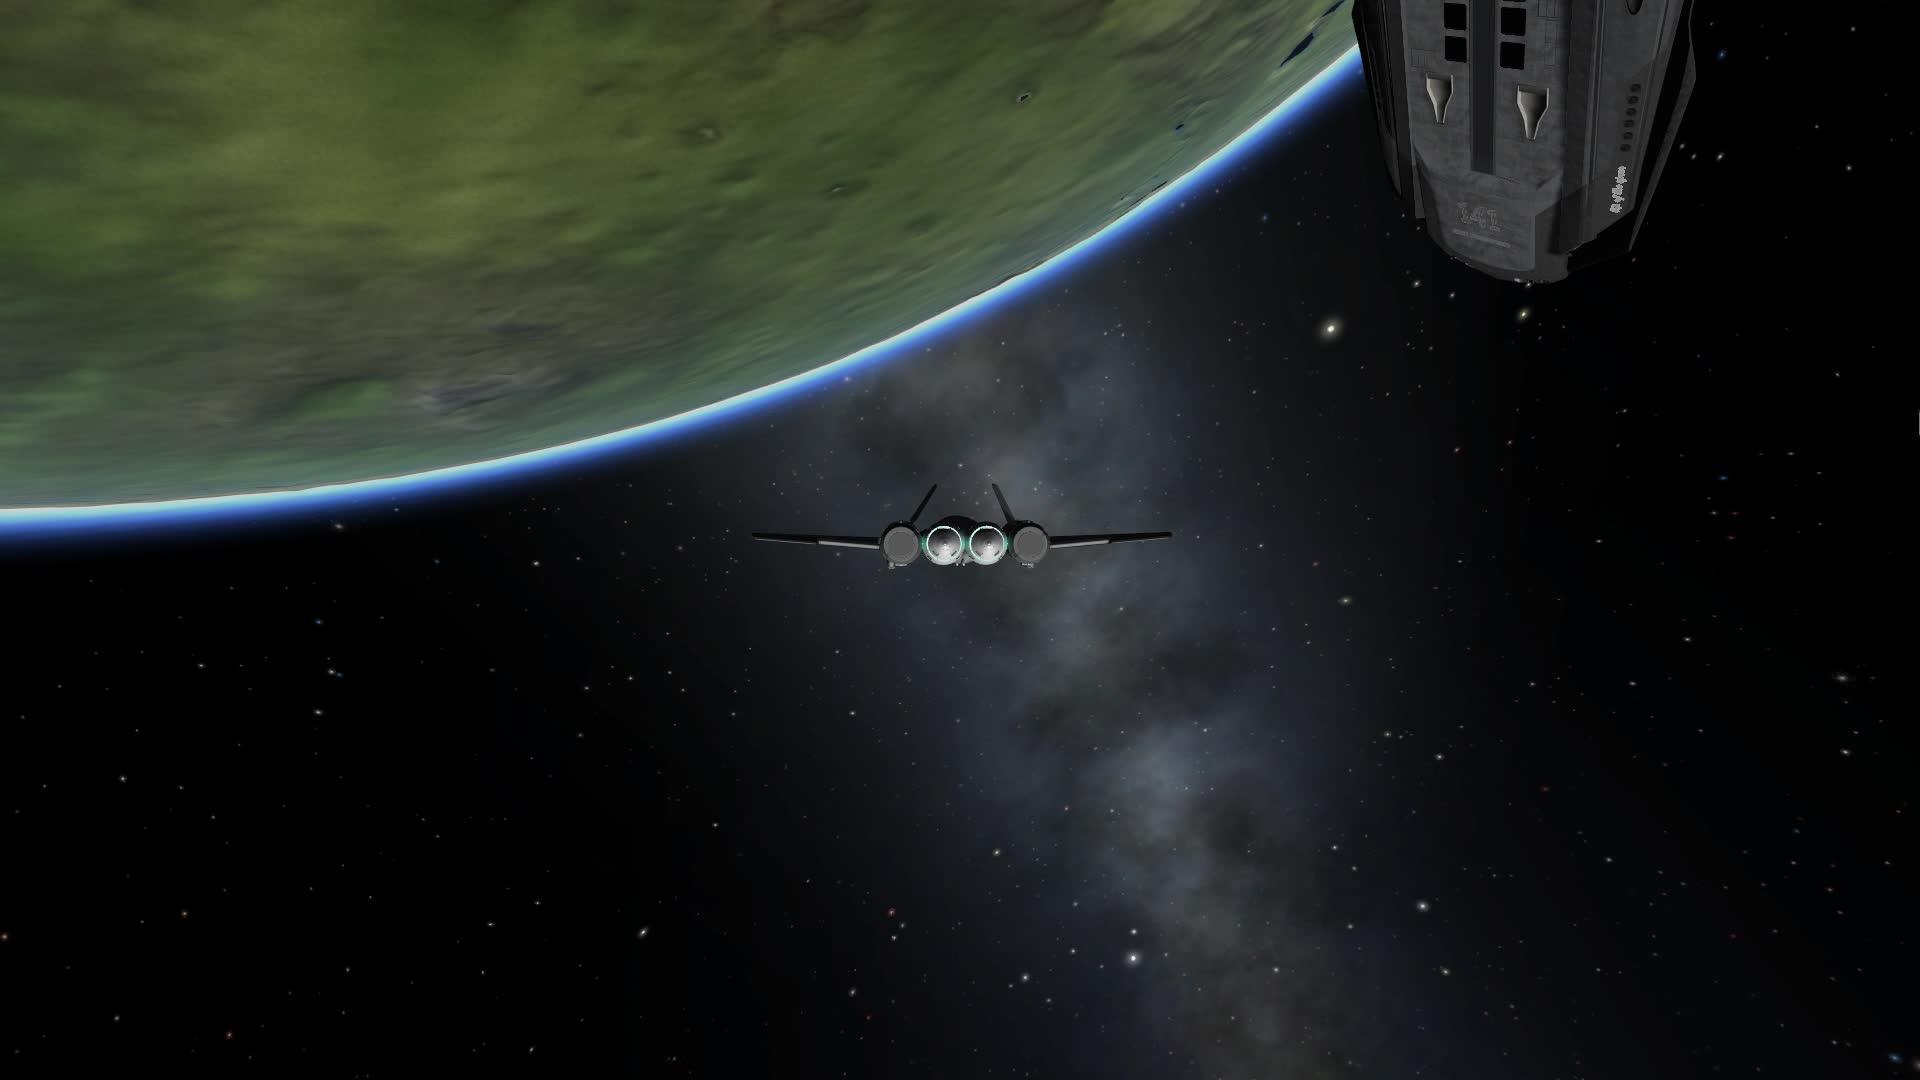 kerbalspaceprogram, Kerbal Space Program 11.03.2018 - 22.19.40.02 GIFs